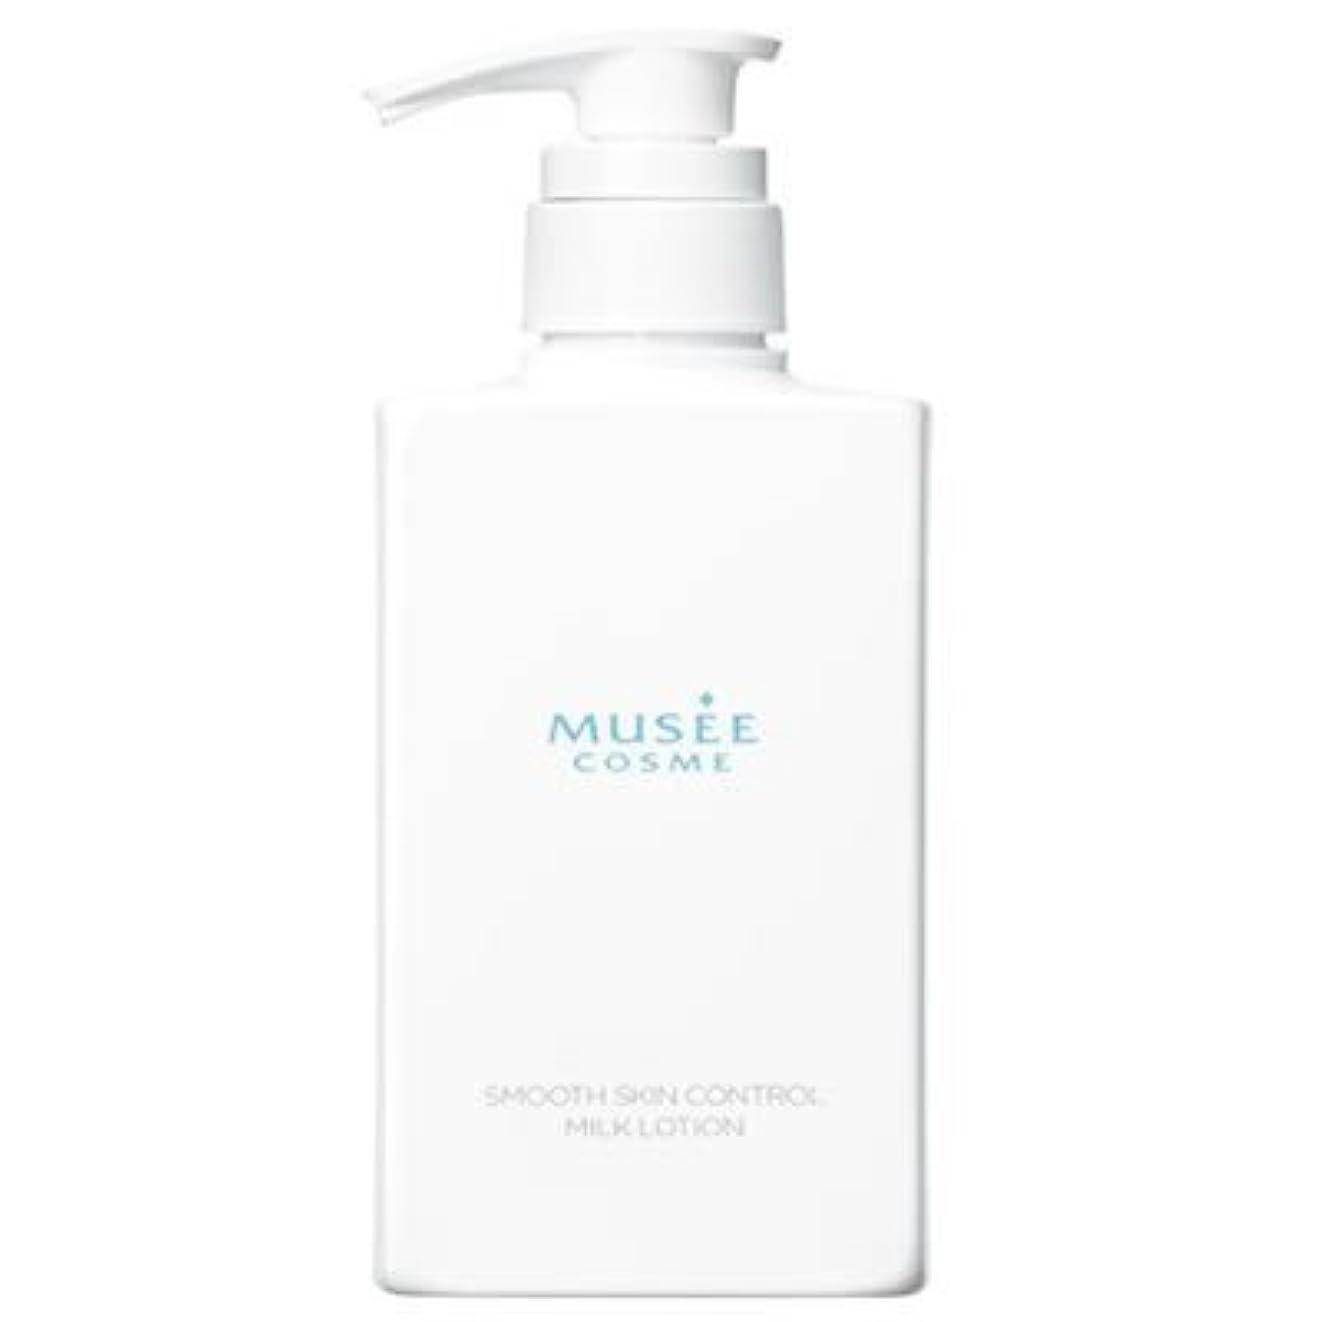 である結婚した熟練したミュゼ 薬用スムーススキンコントロールミルクローション 300ml ホワイトジャスミンの香り [並行輸入品]